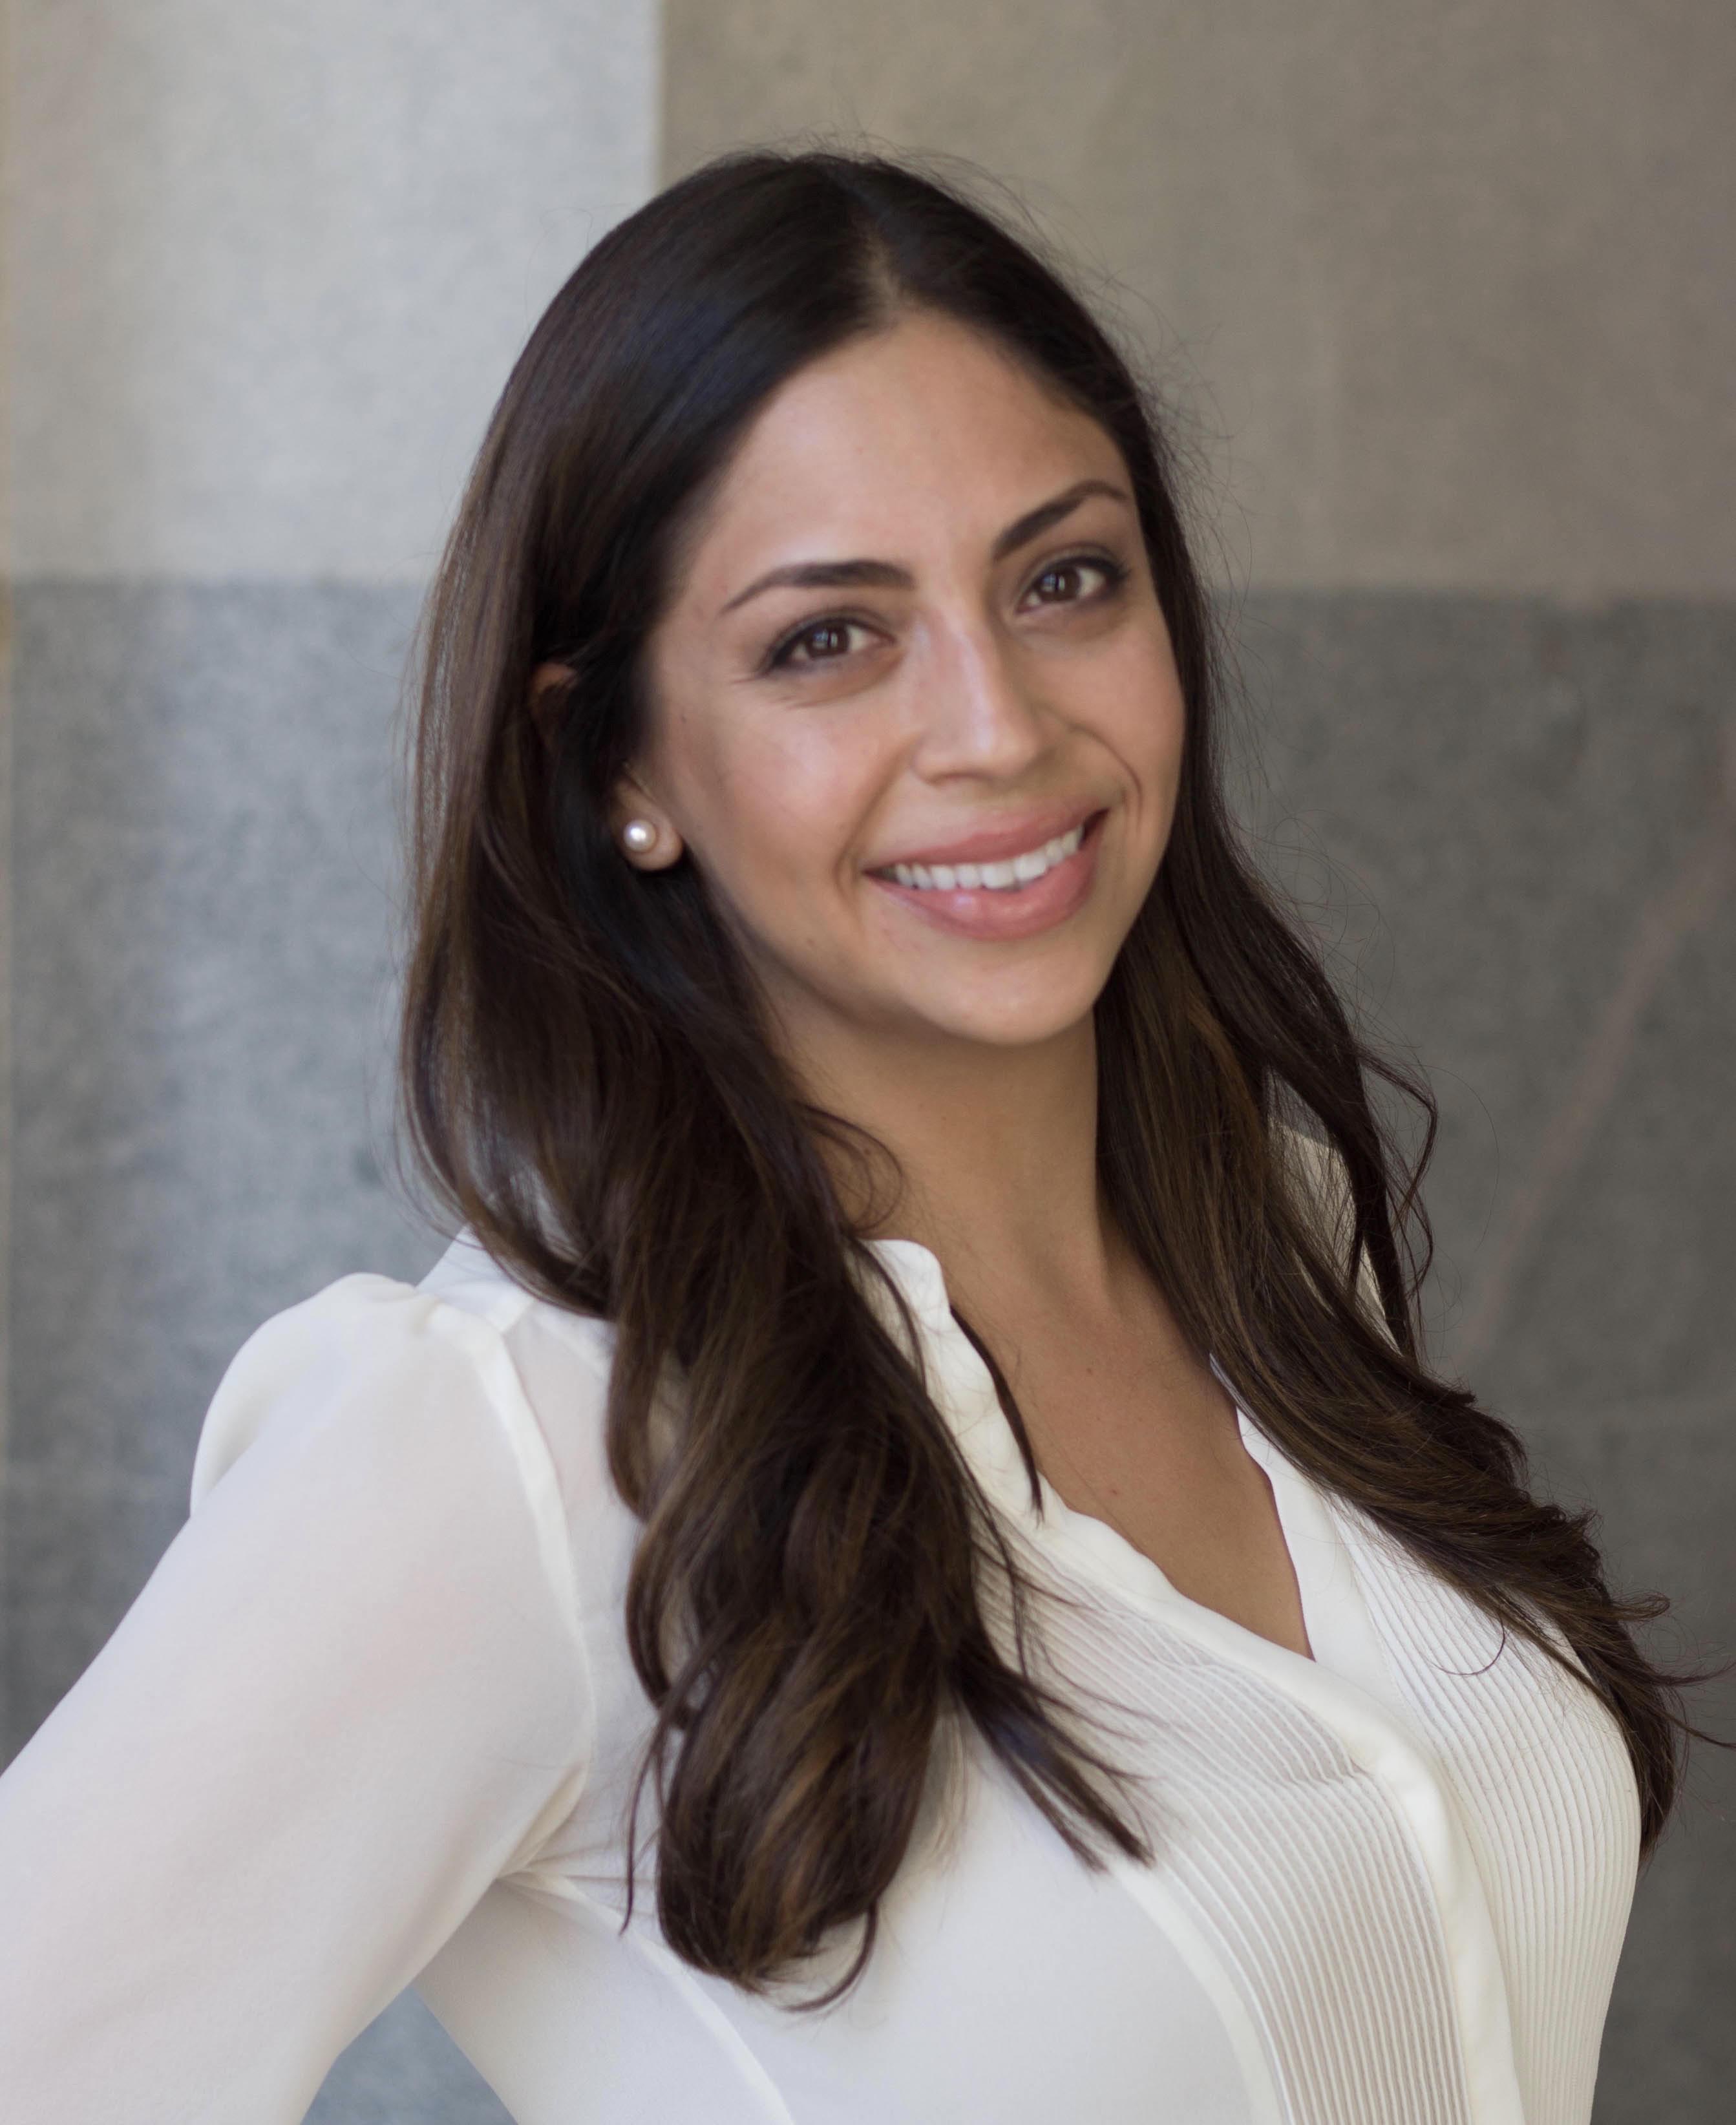 NataliaChavez